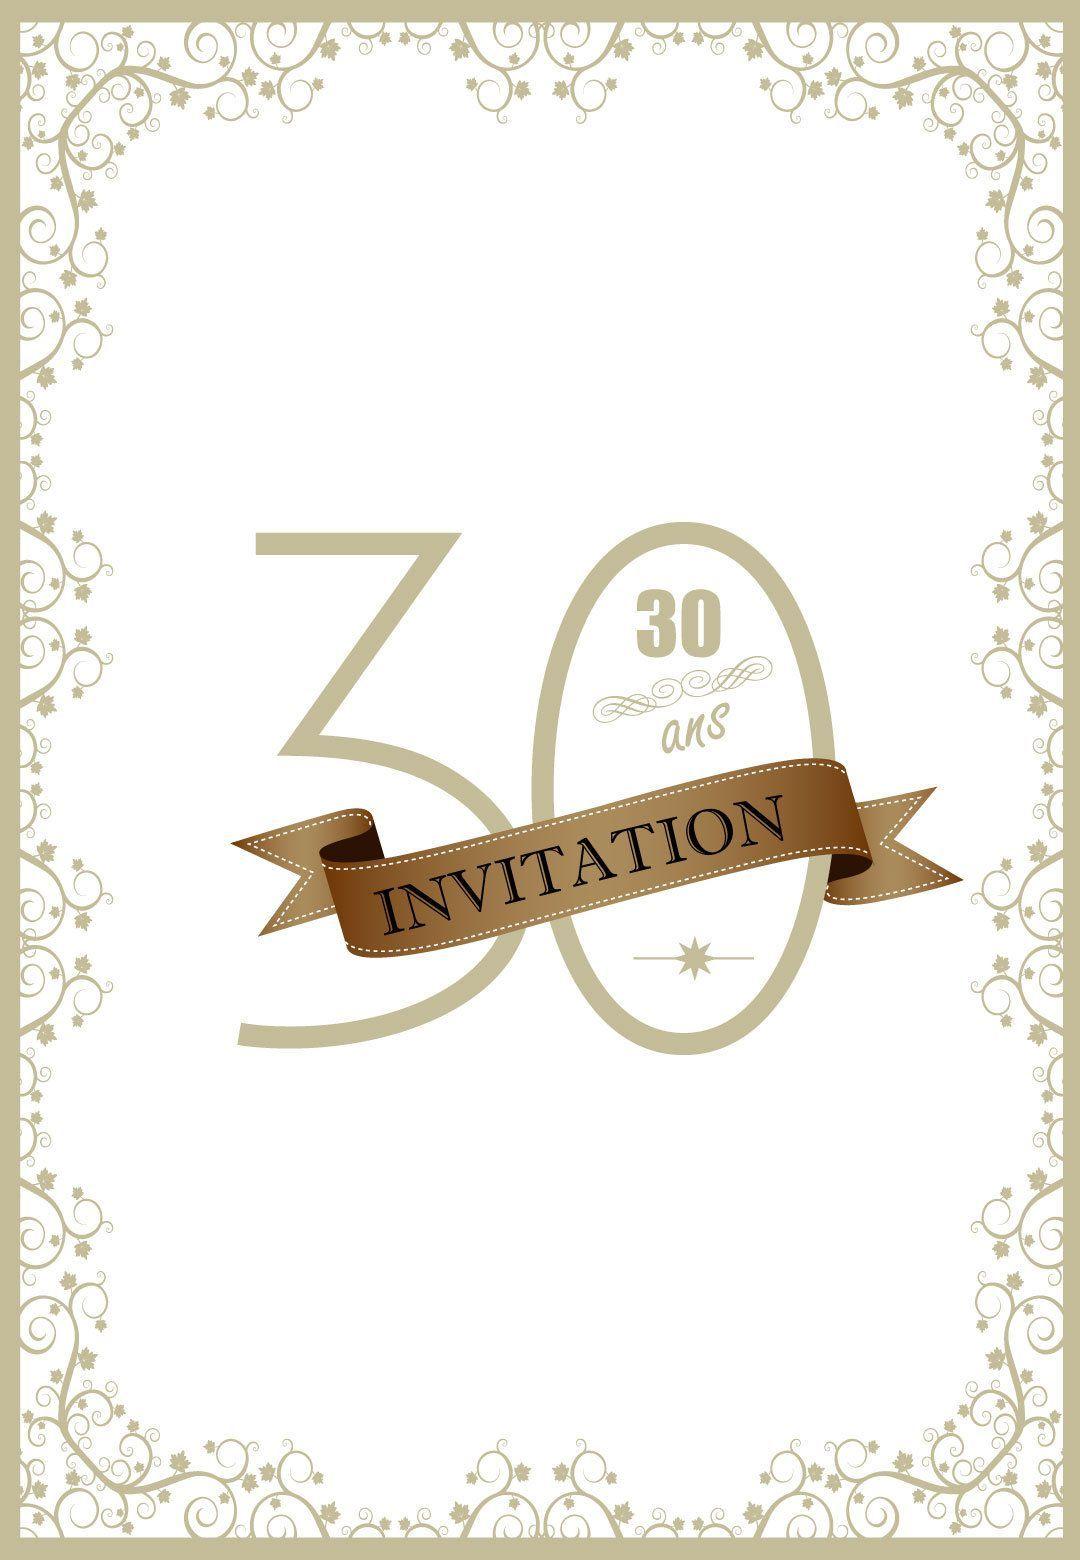 Carte Invitation Anniversaire 30 Ans Invitations De Cartes Invitation Anniversaire 30 Ans Carte Invitation Anniversaire Invitation Anniversaire